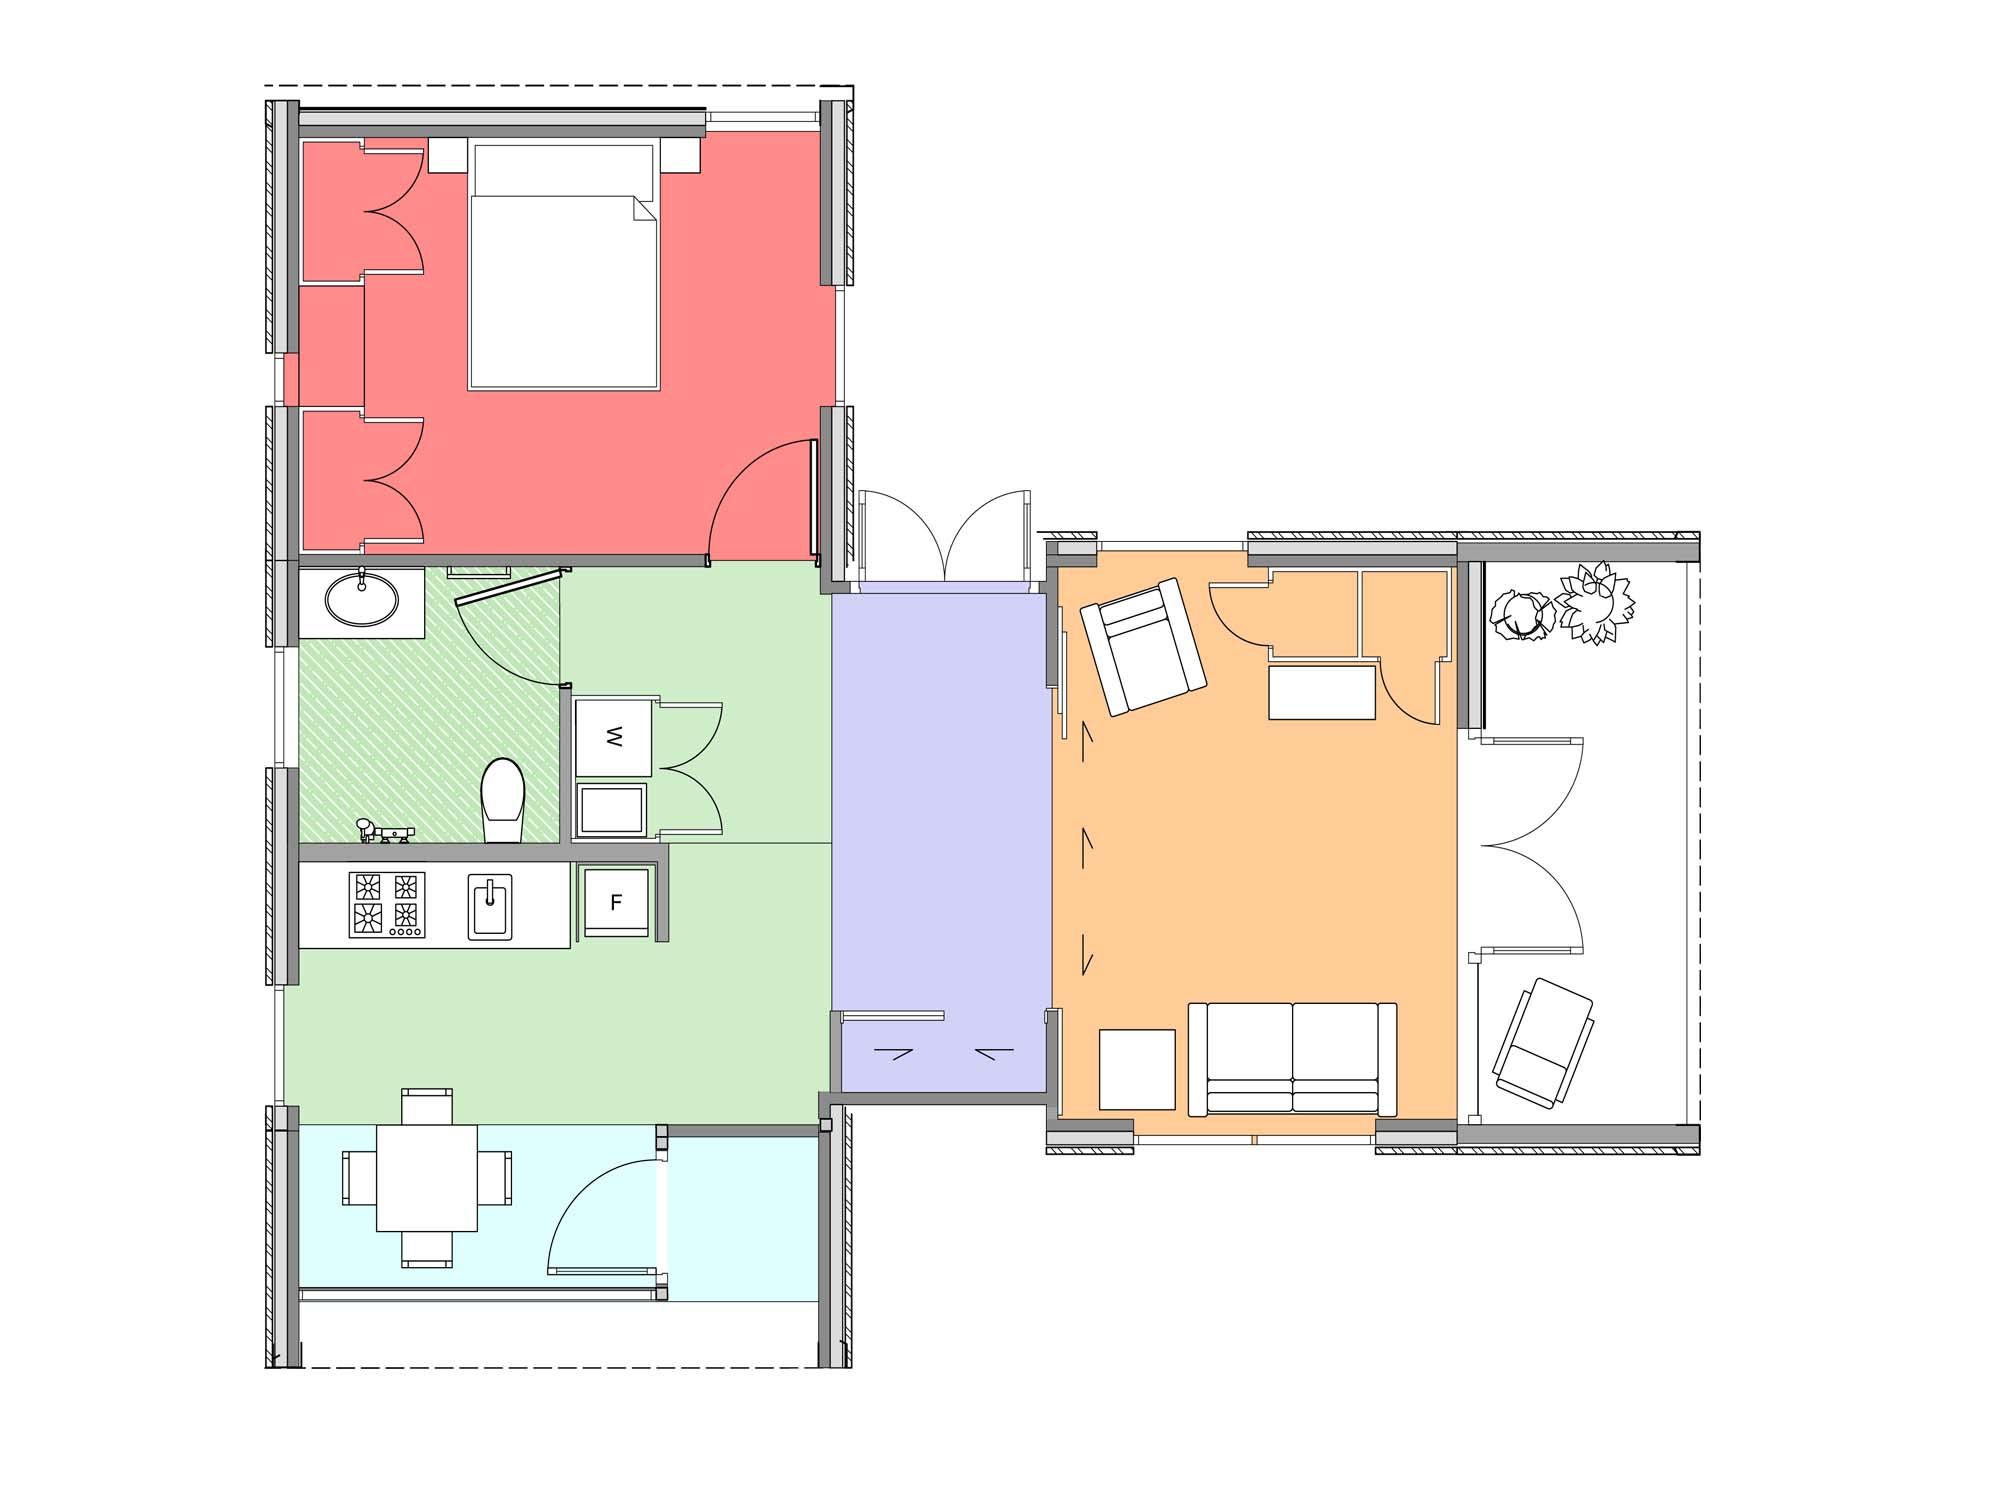 Plan of Te Whare-iti TWI 18